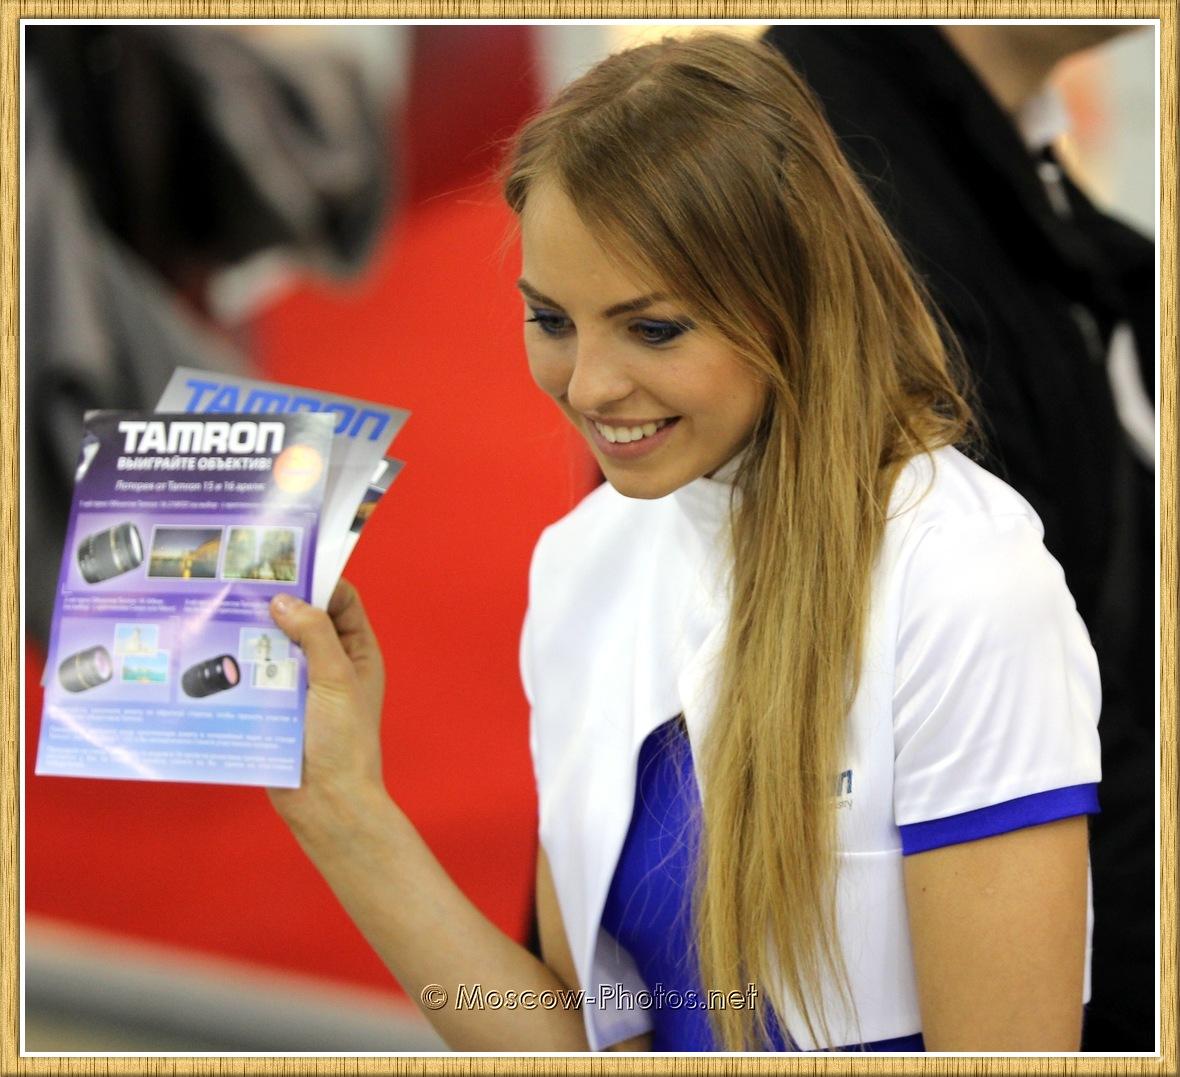 Smiling Tamron Promotional Model